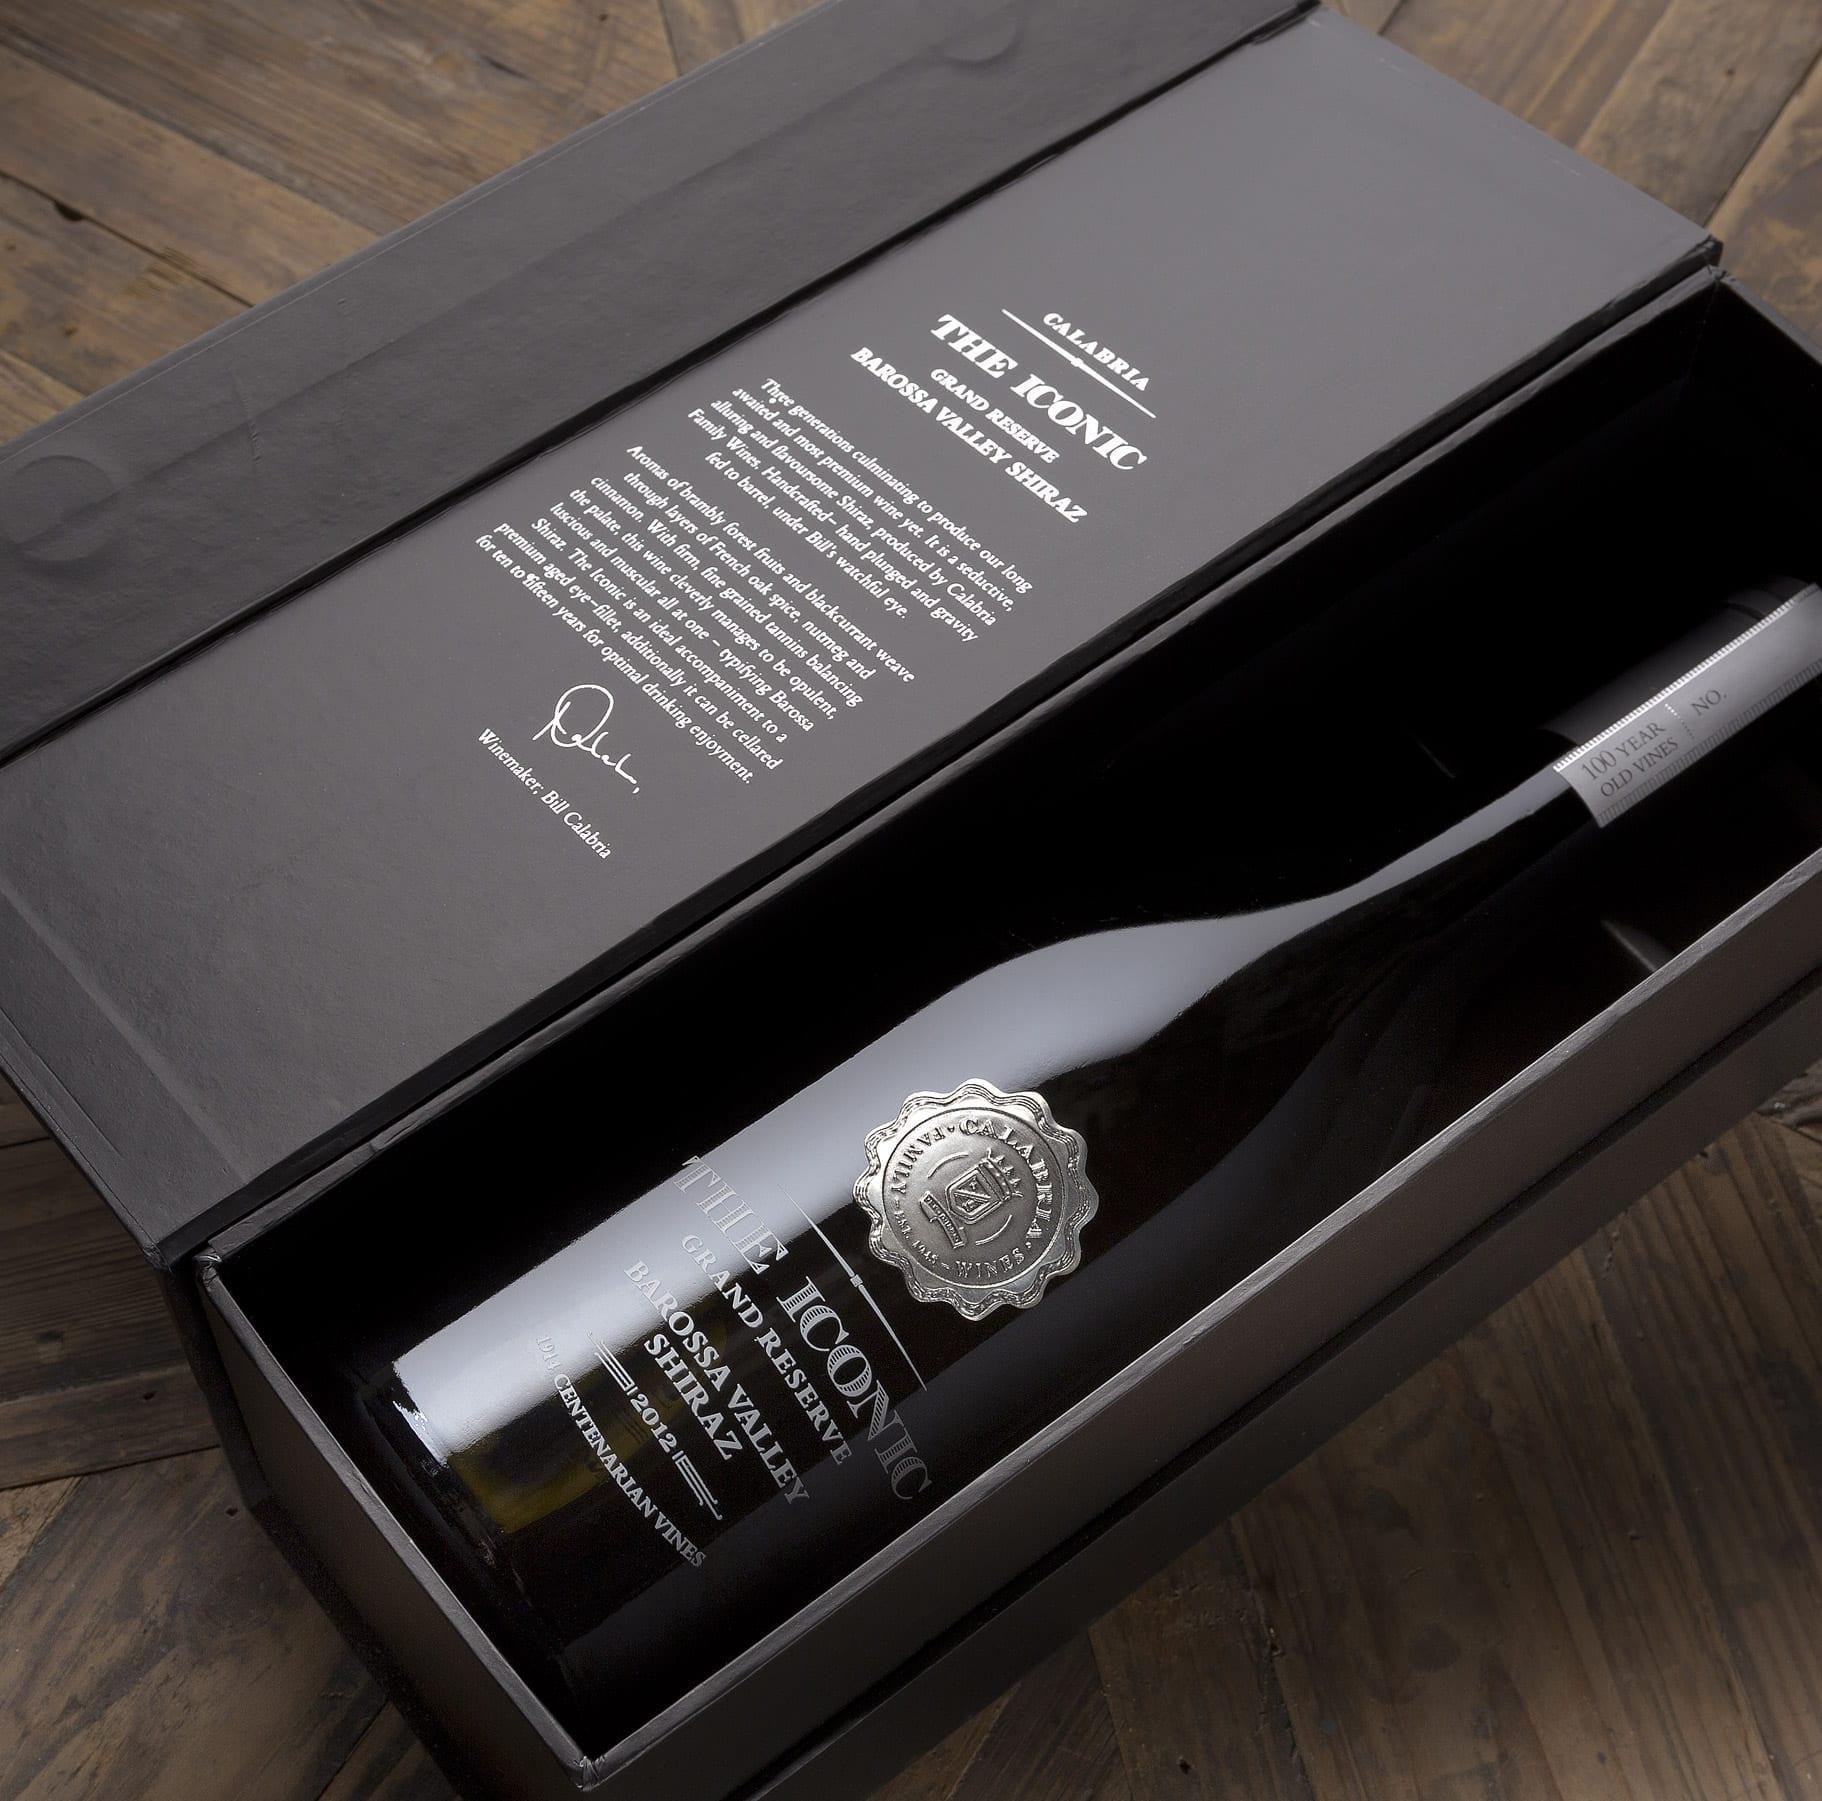 Bespoke Wine Label Design